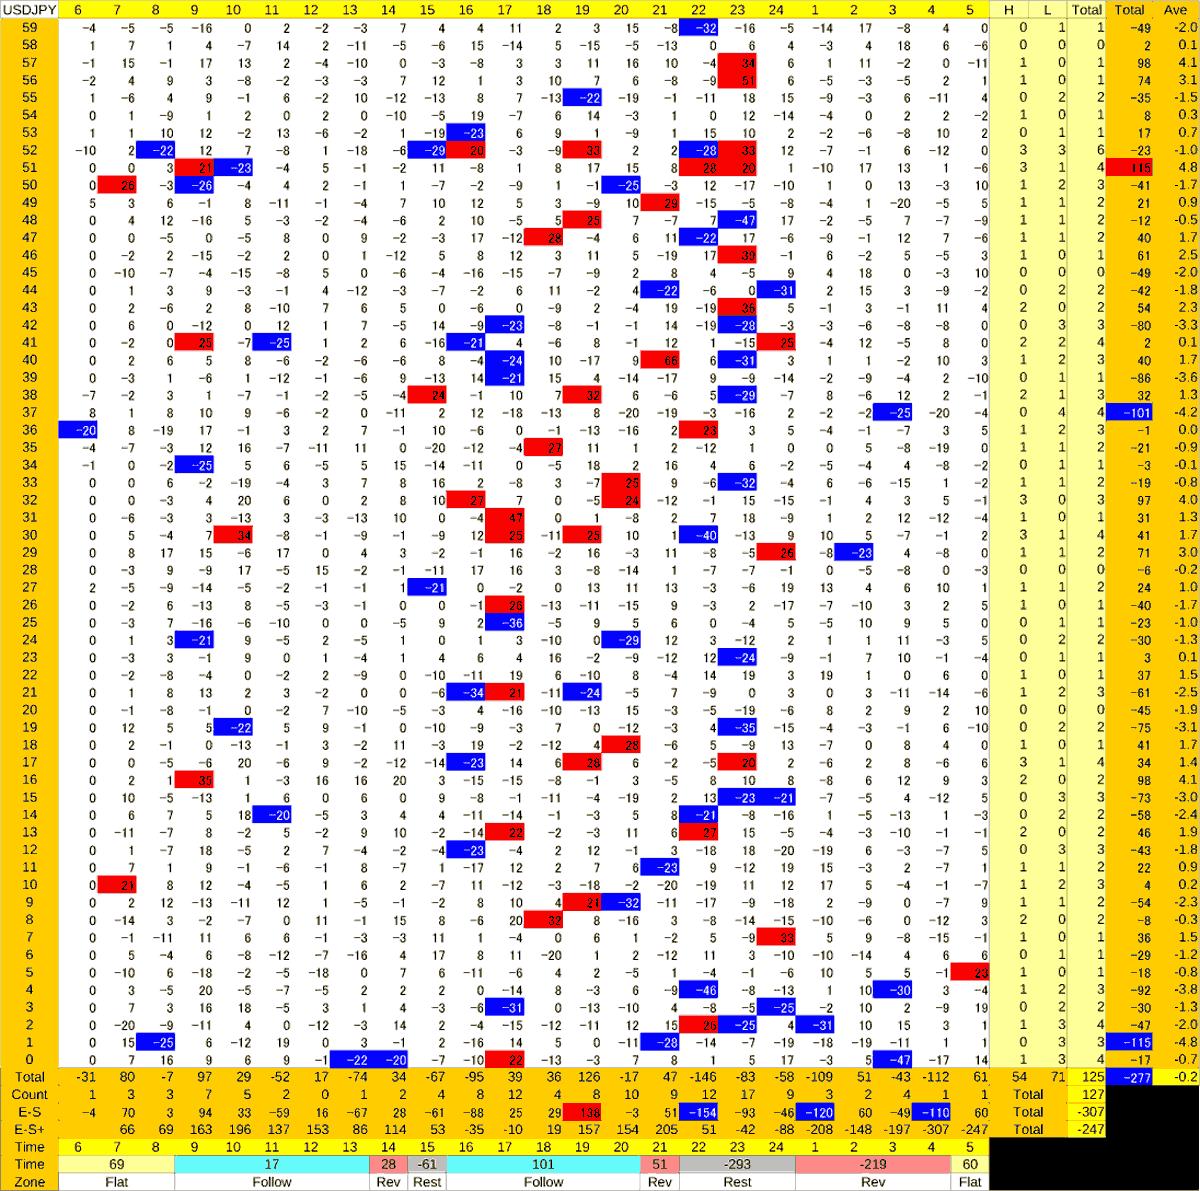 20200804_HS(1)USDJPY